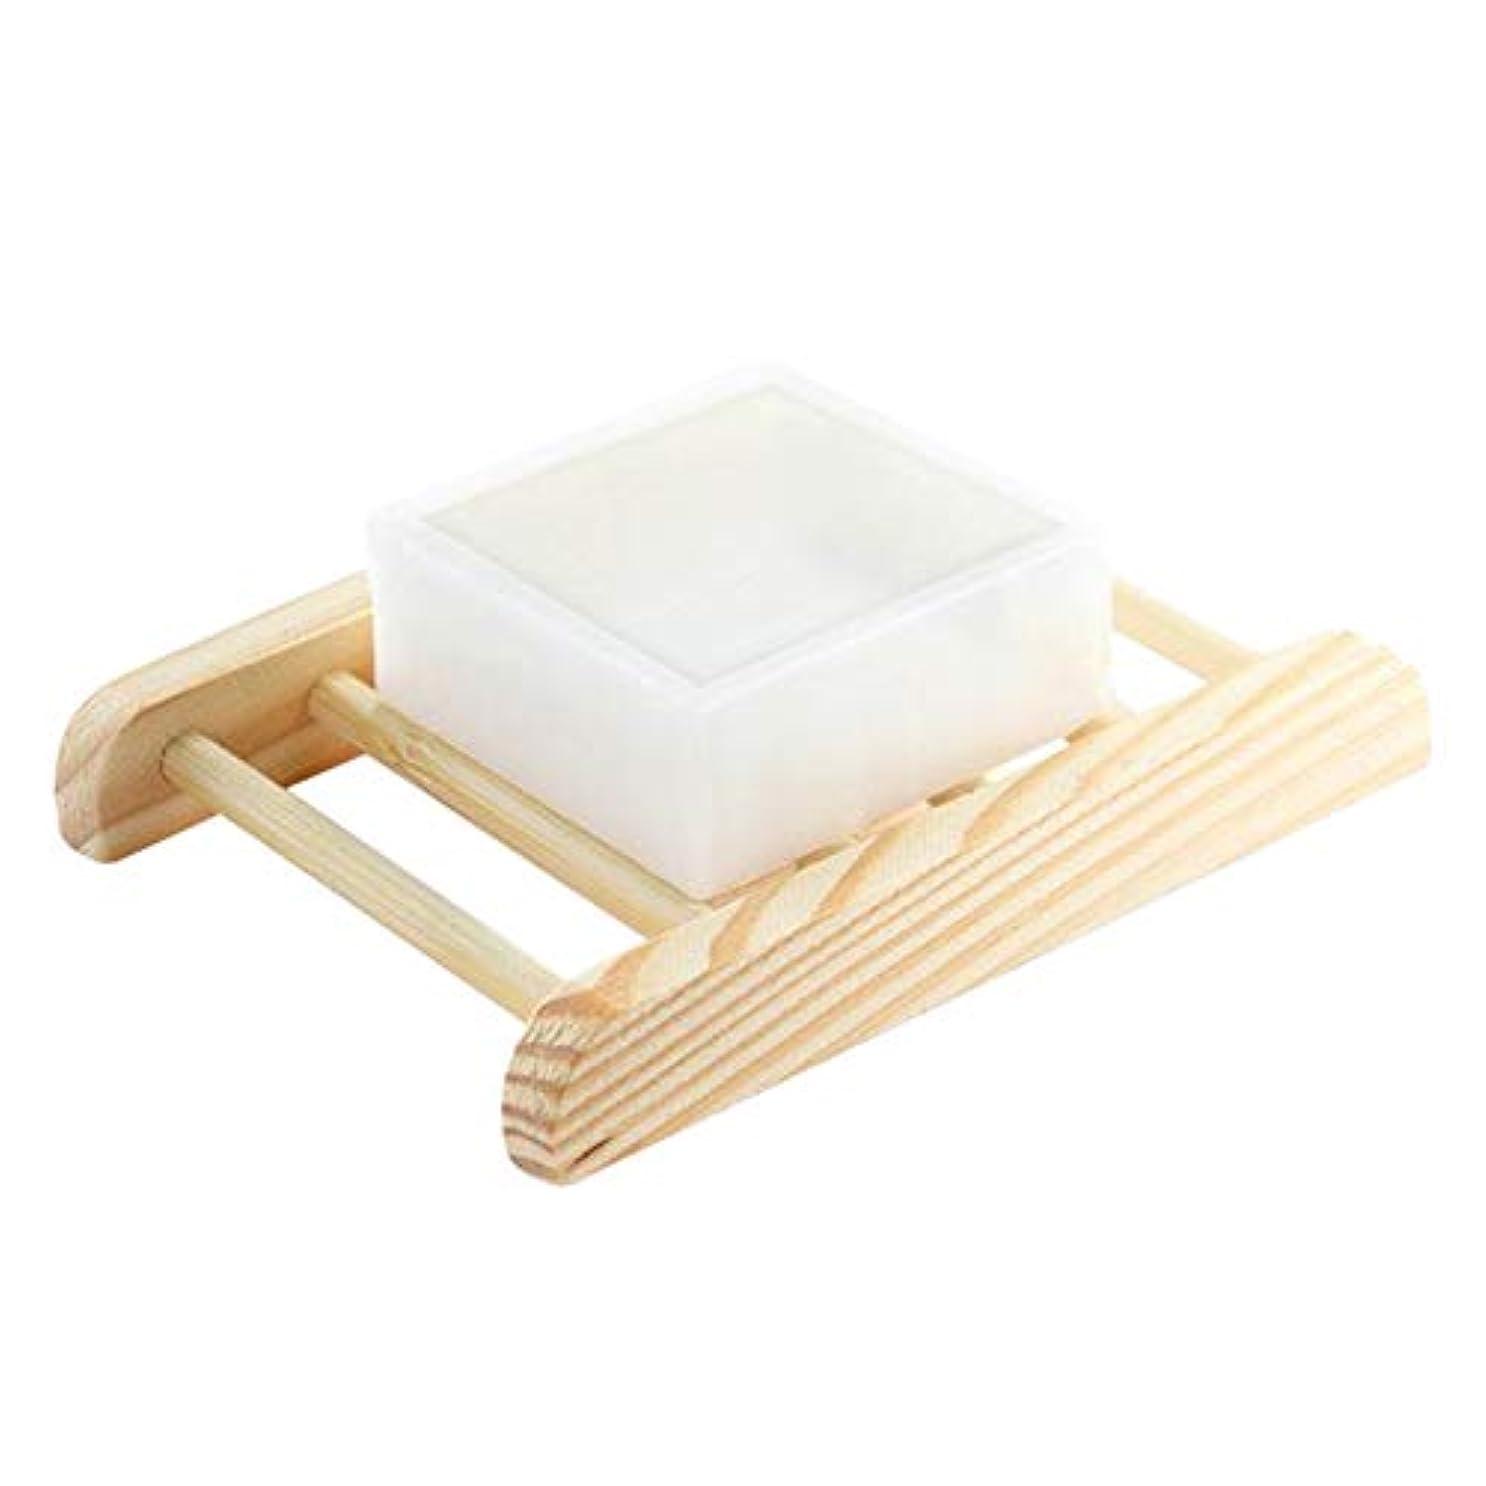 一回分離消毒するKaddima ハンドメイド石鹸発酵ボディネックアームのホワイトニングホワイトニングソープ